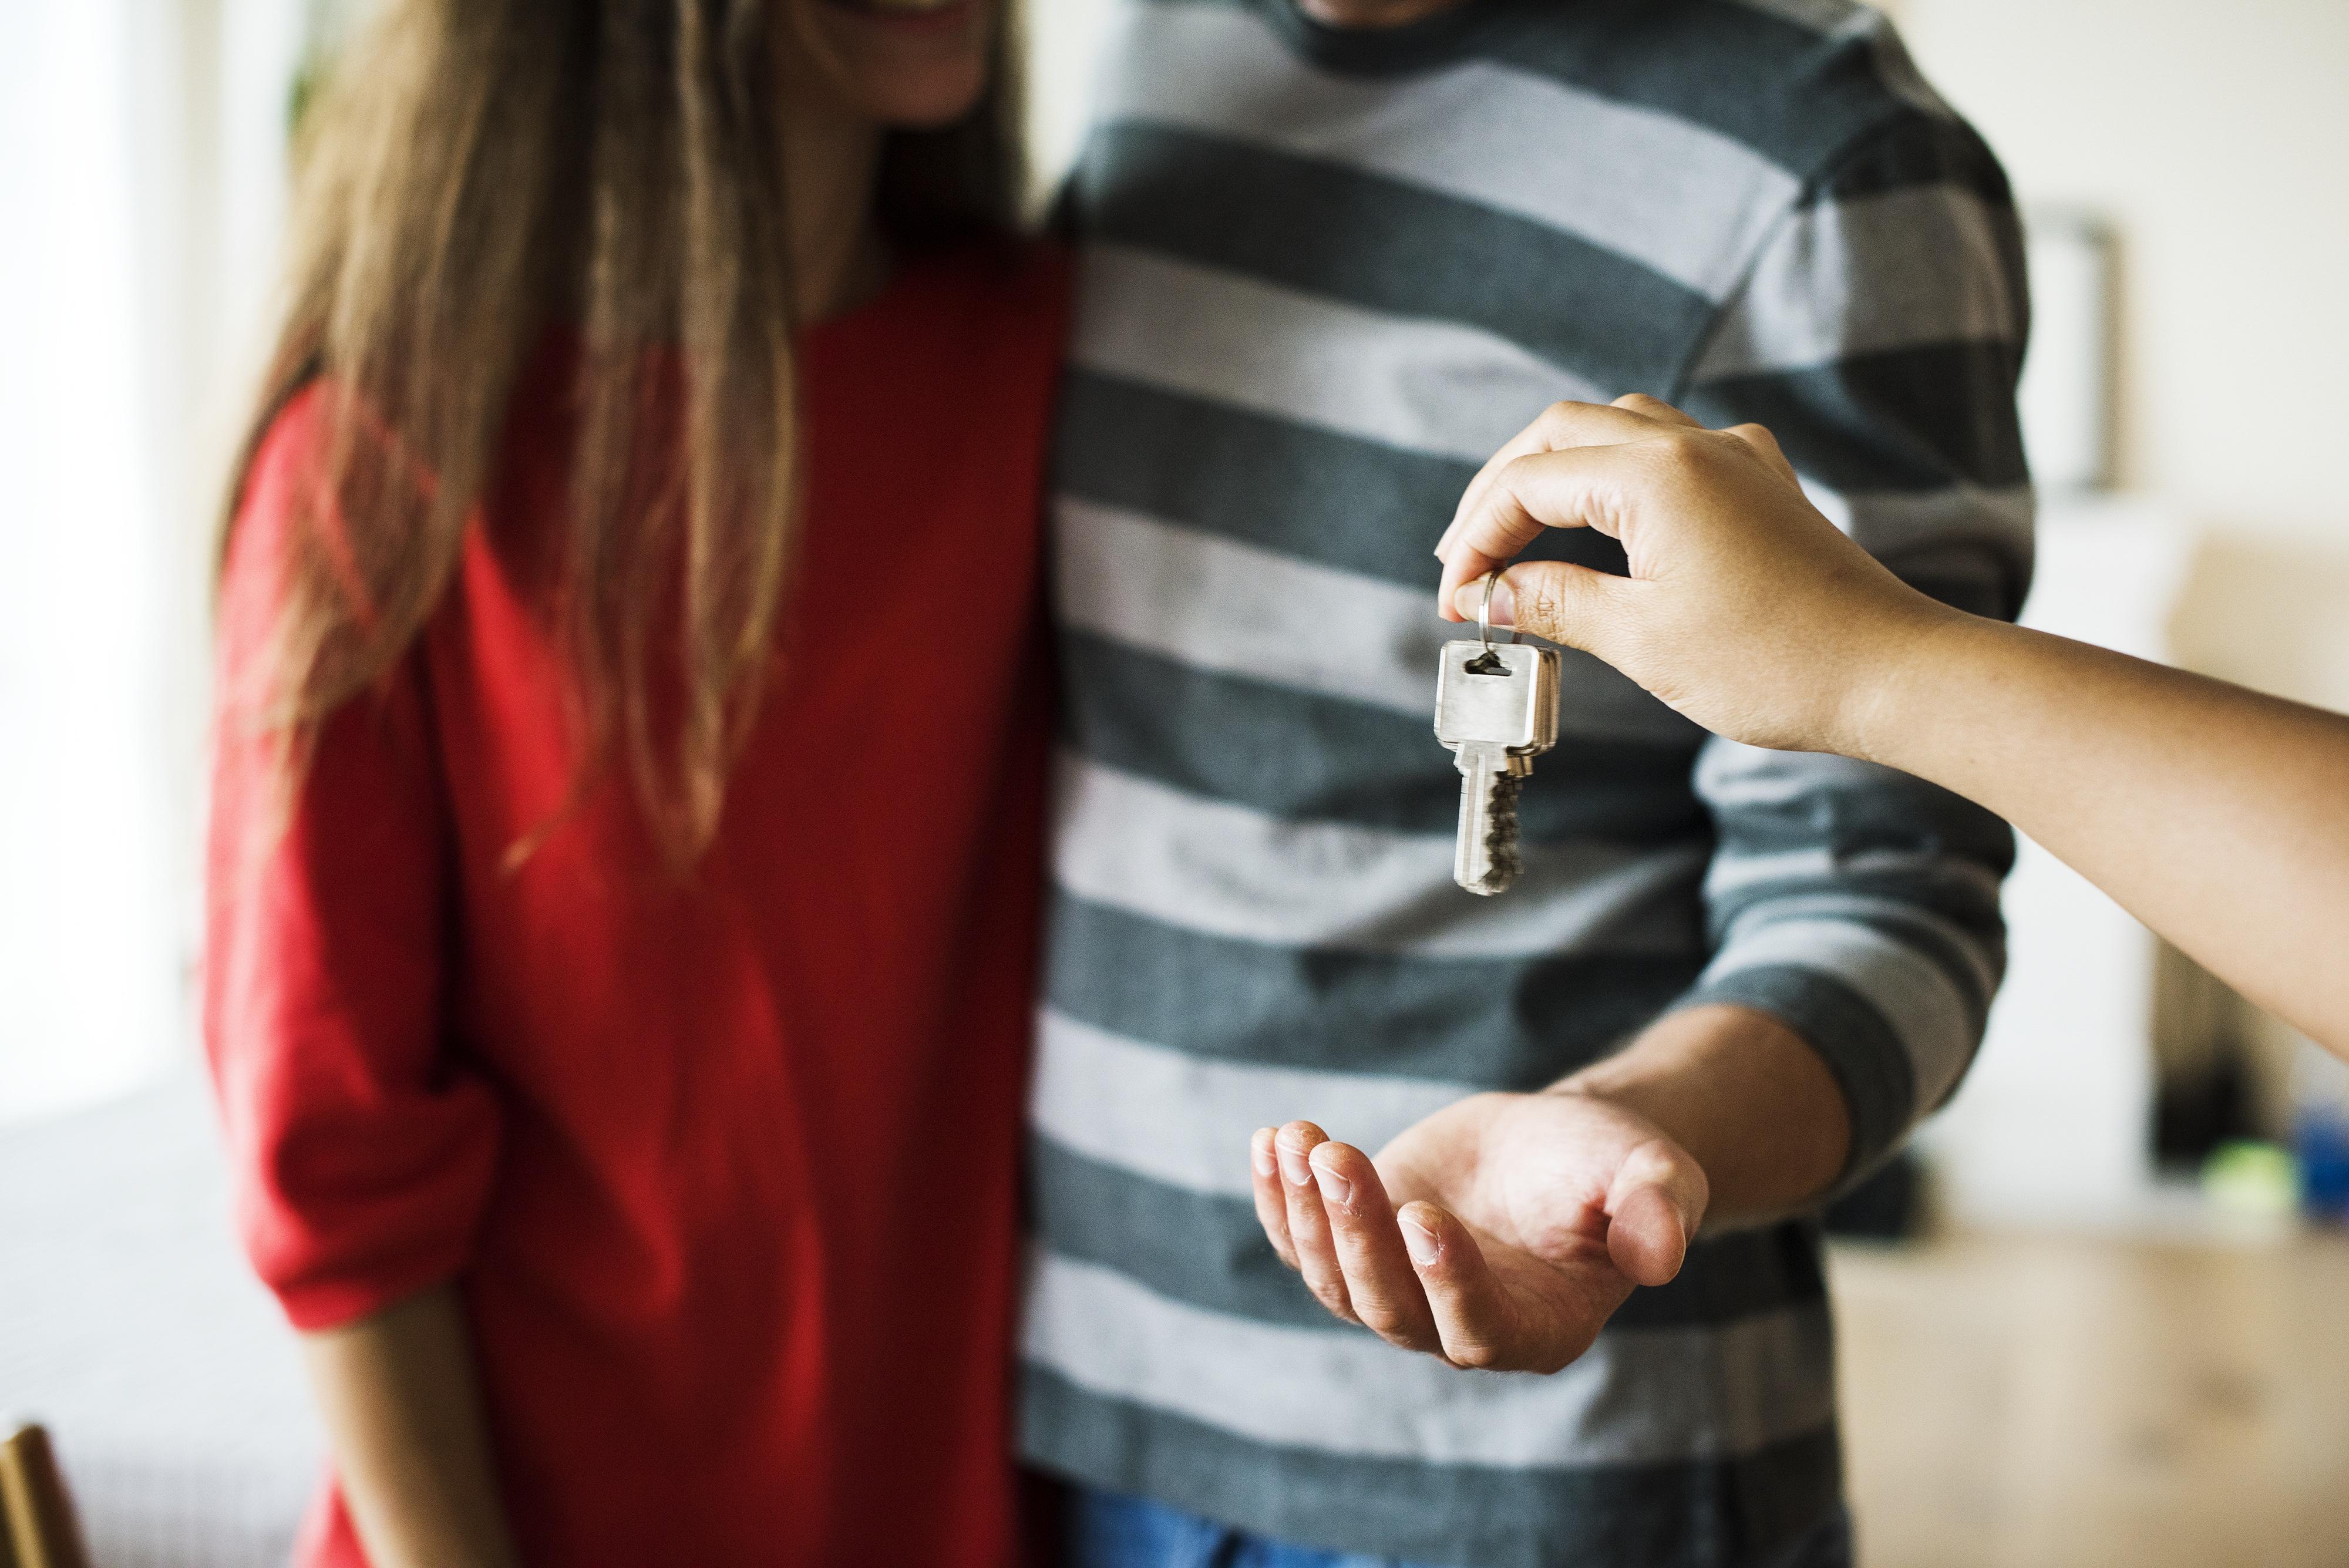 Du får nok brug for en boligadvokat